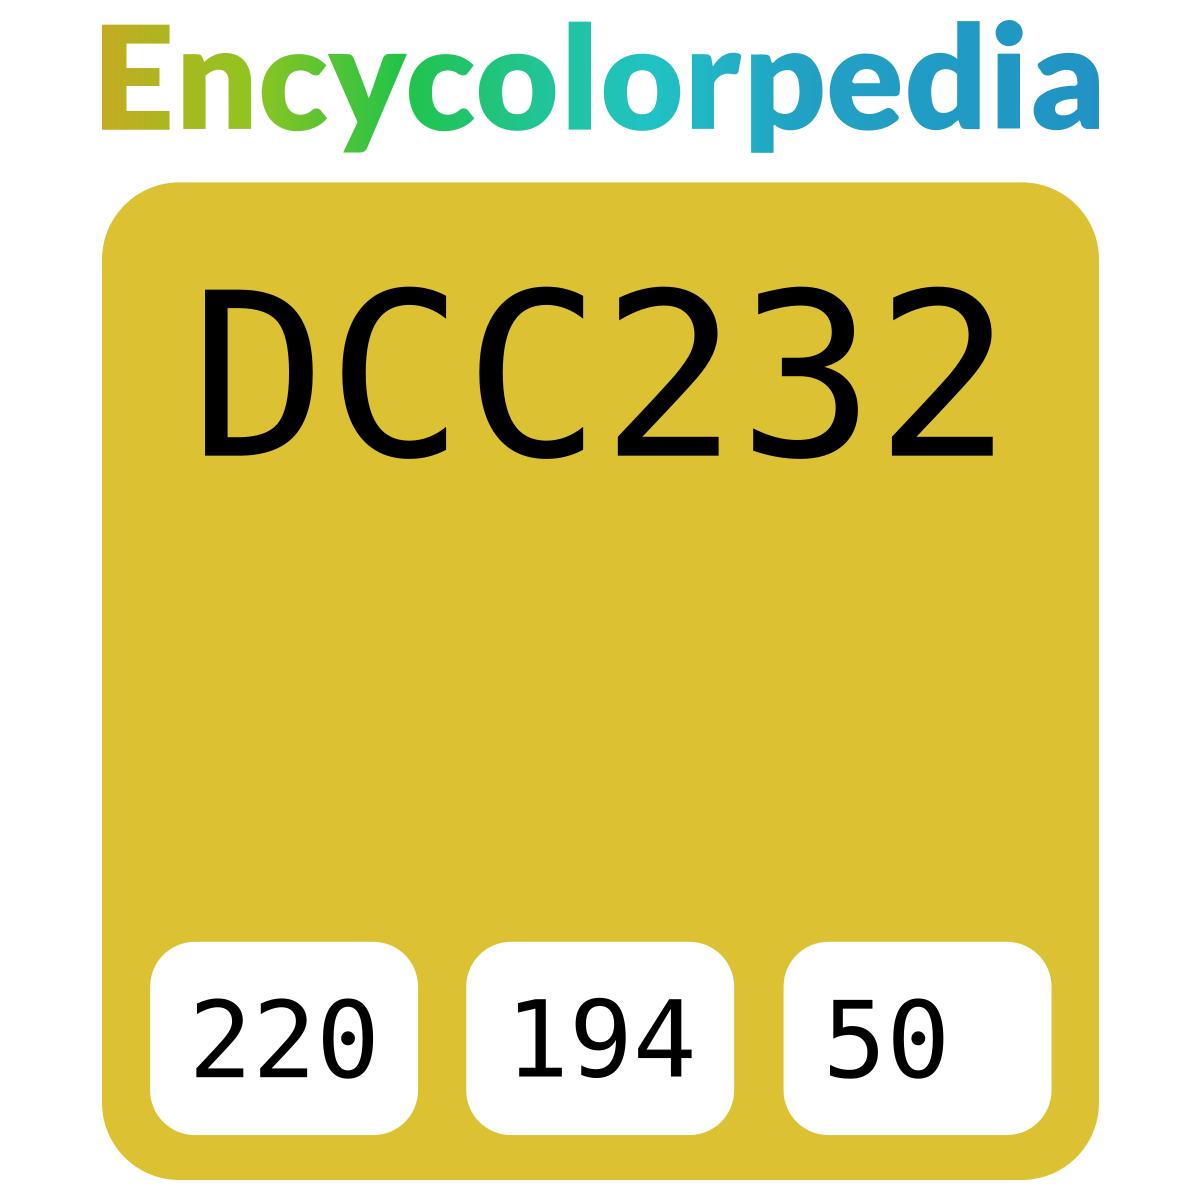 dcc232